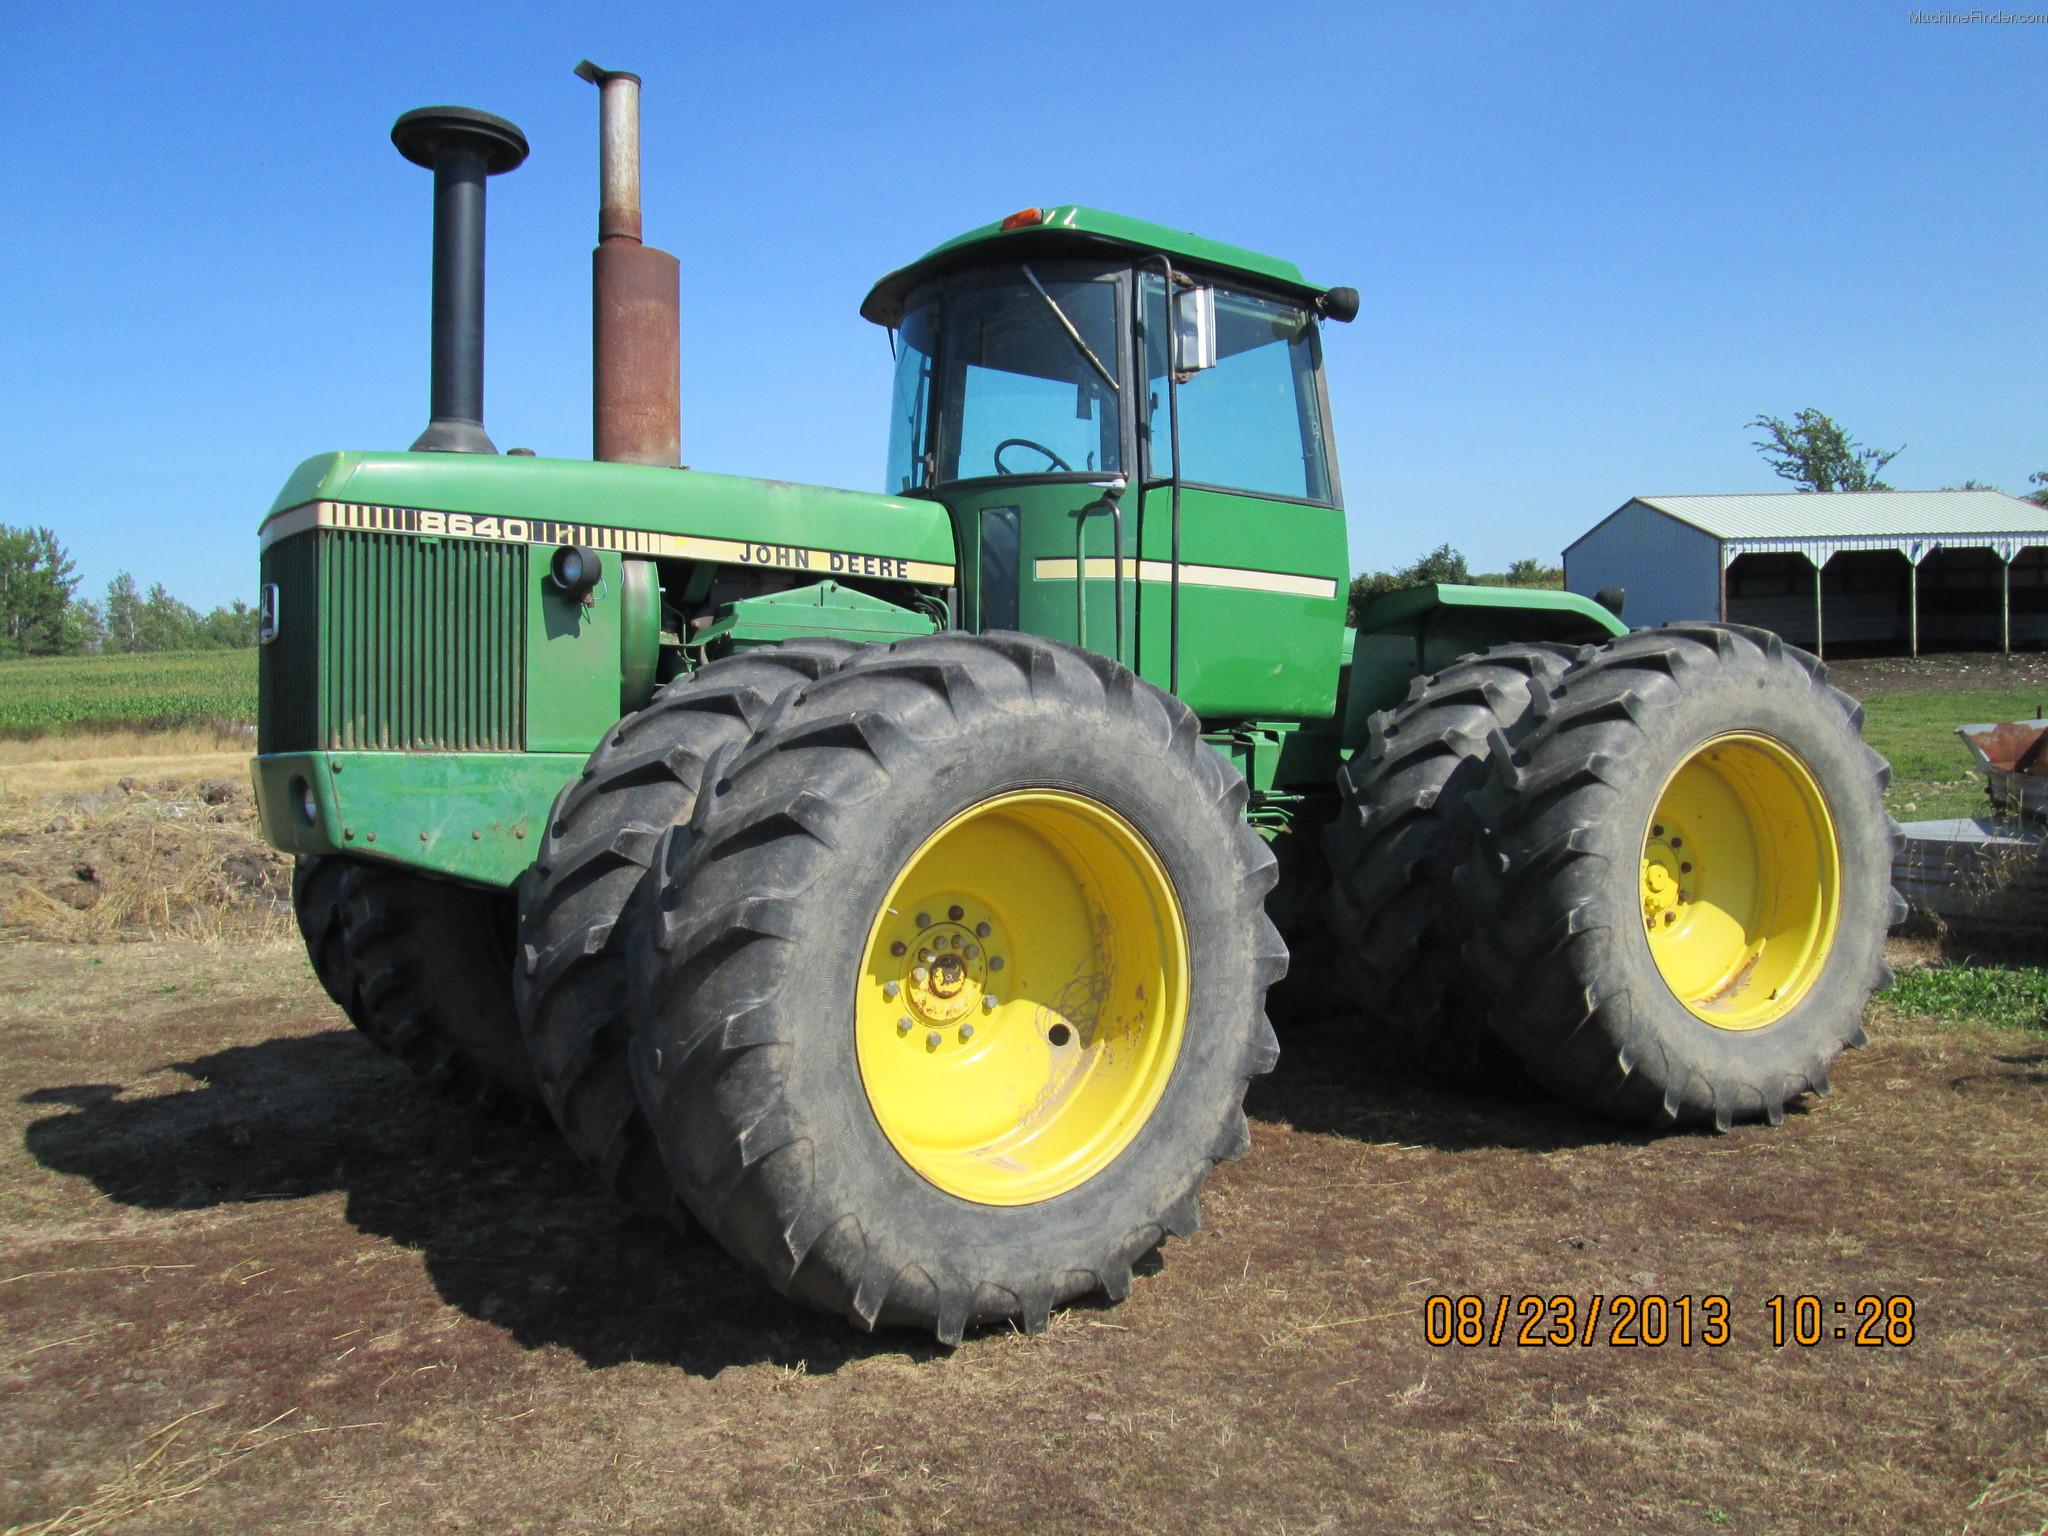 1981 John Deere 8640 Tractors - Articulated 4WD - John ...